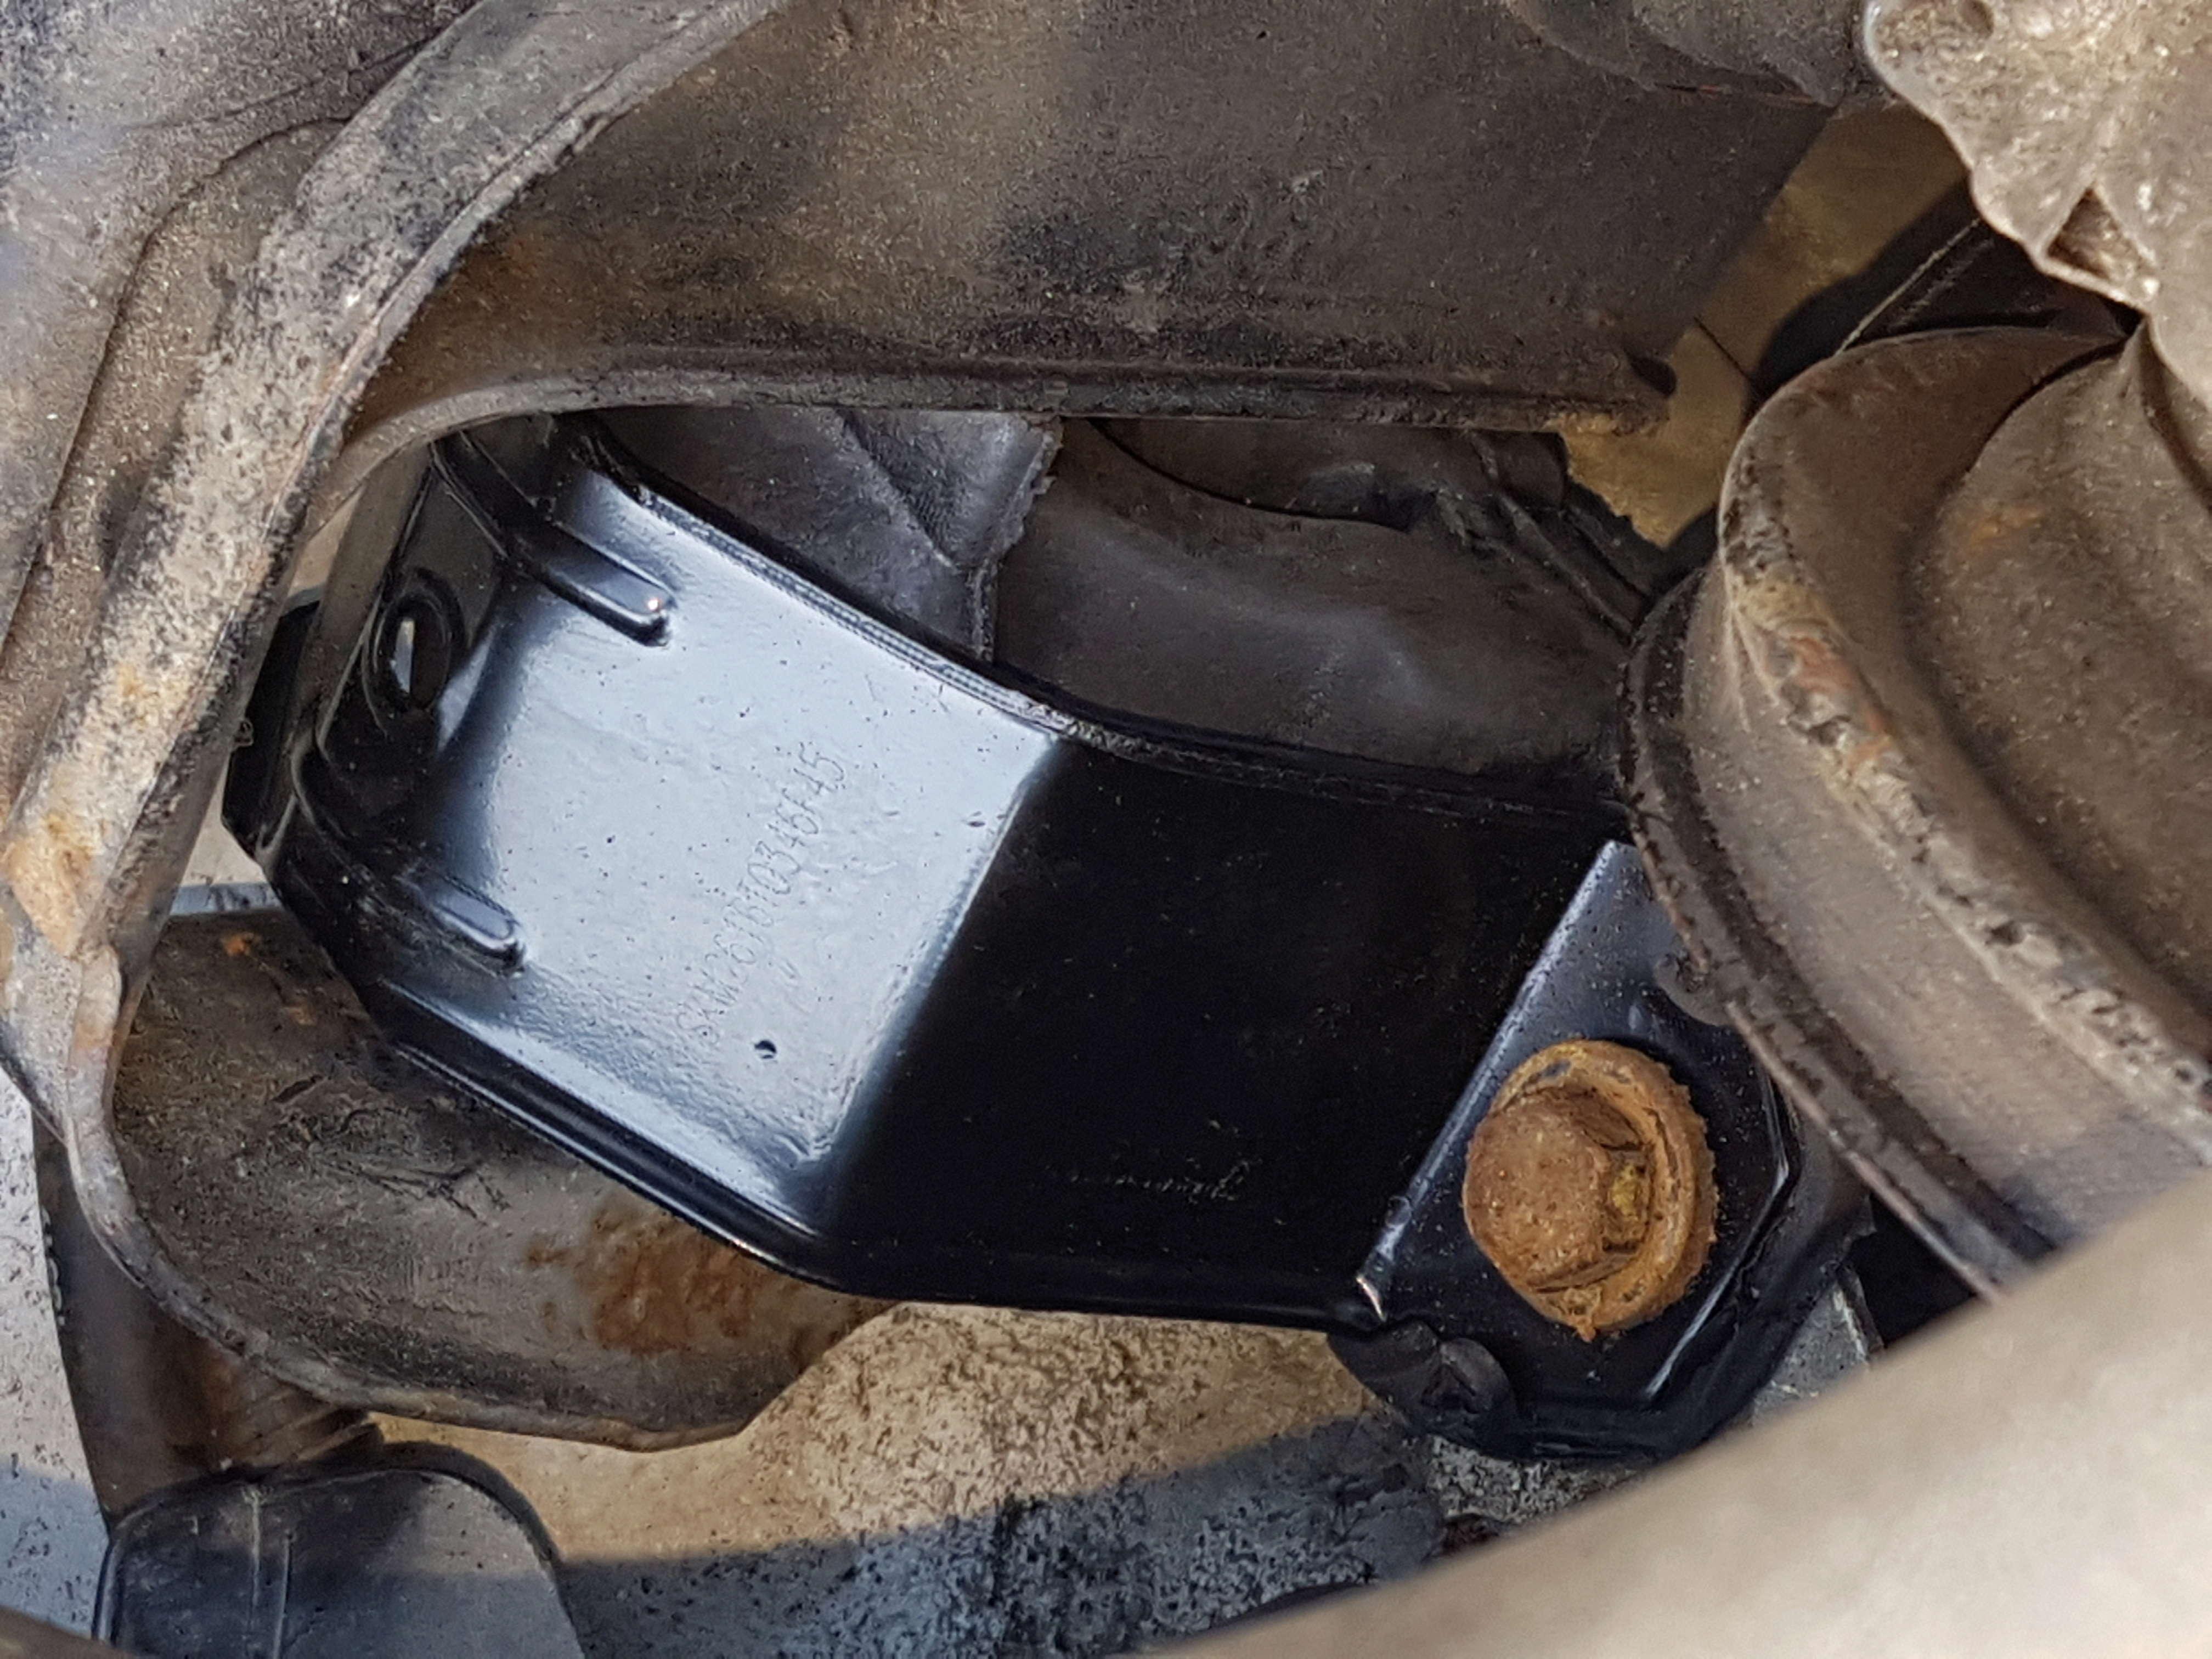 embrayage et étanchéité entre boite et moteur 2,5L essence 1995 20180524